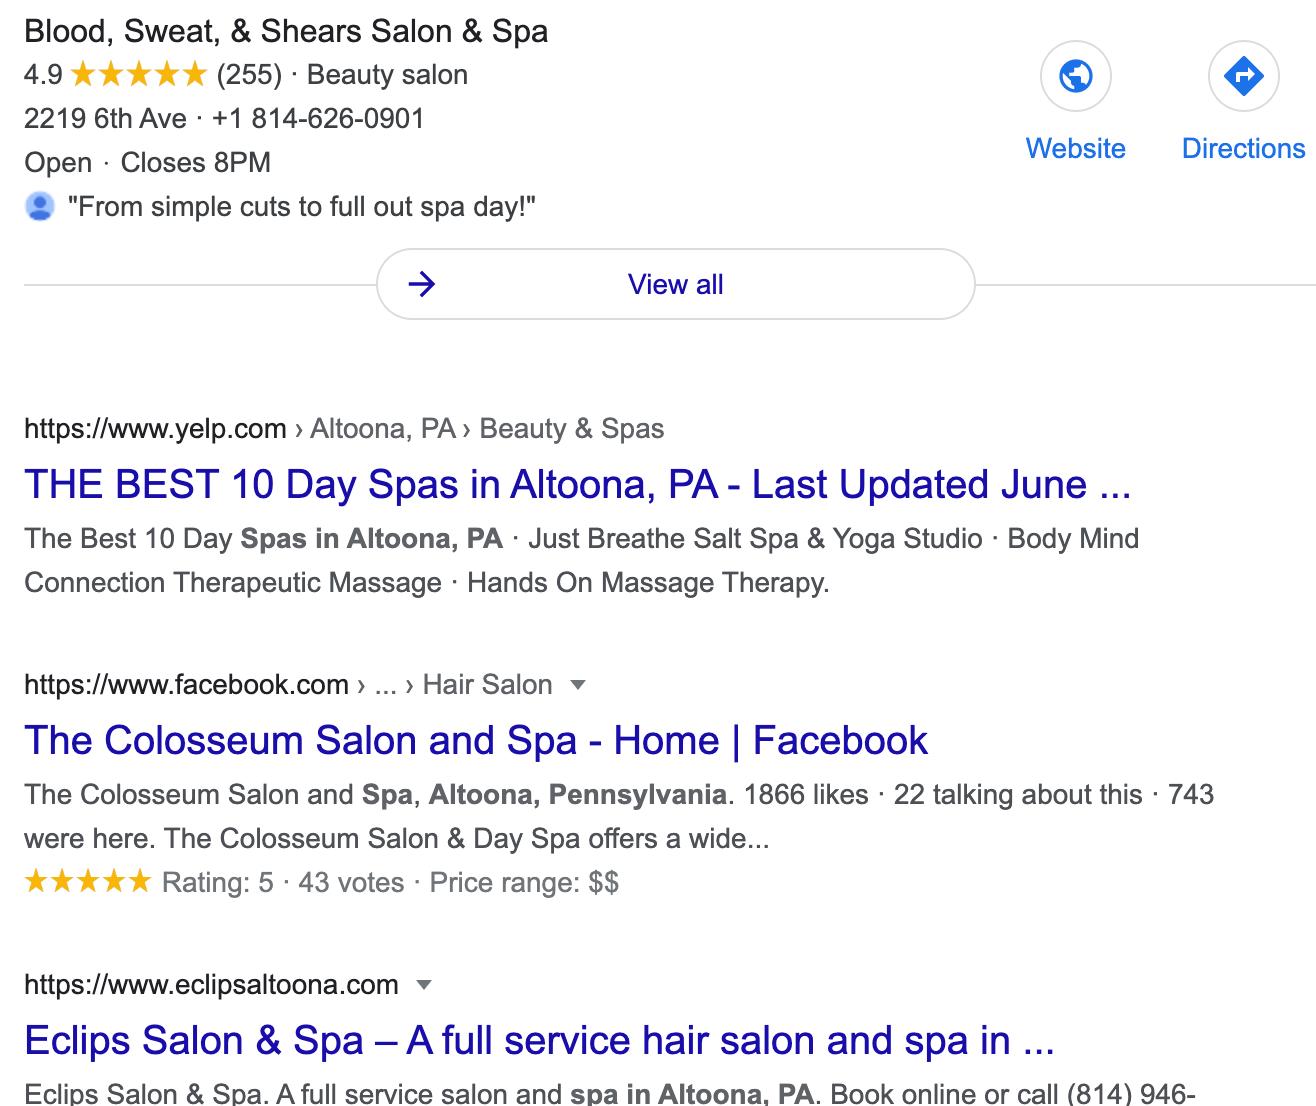 altoona spa services